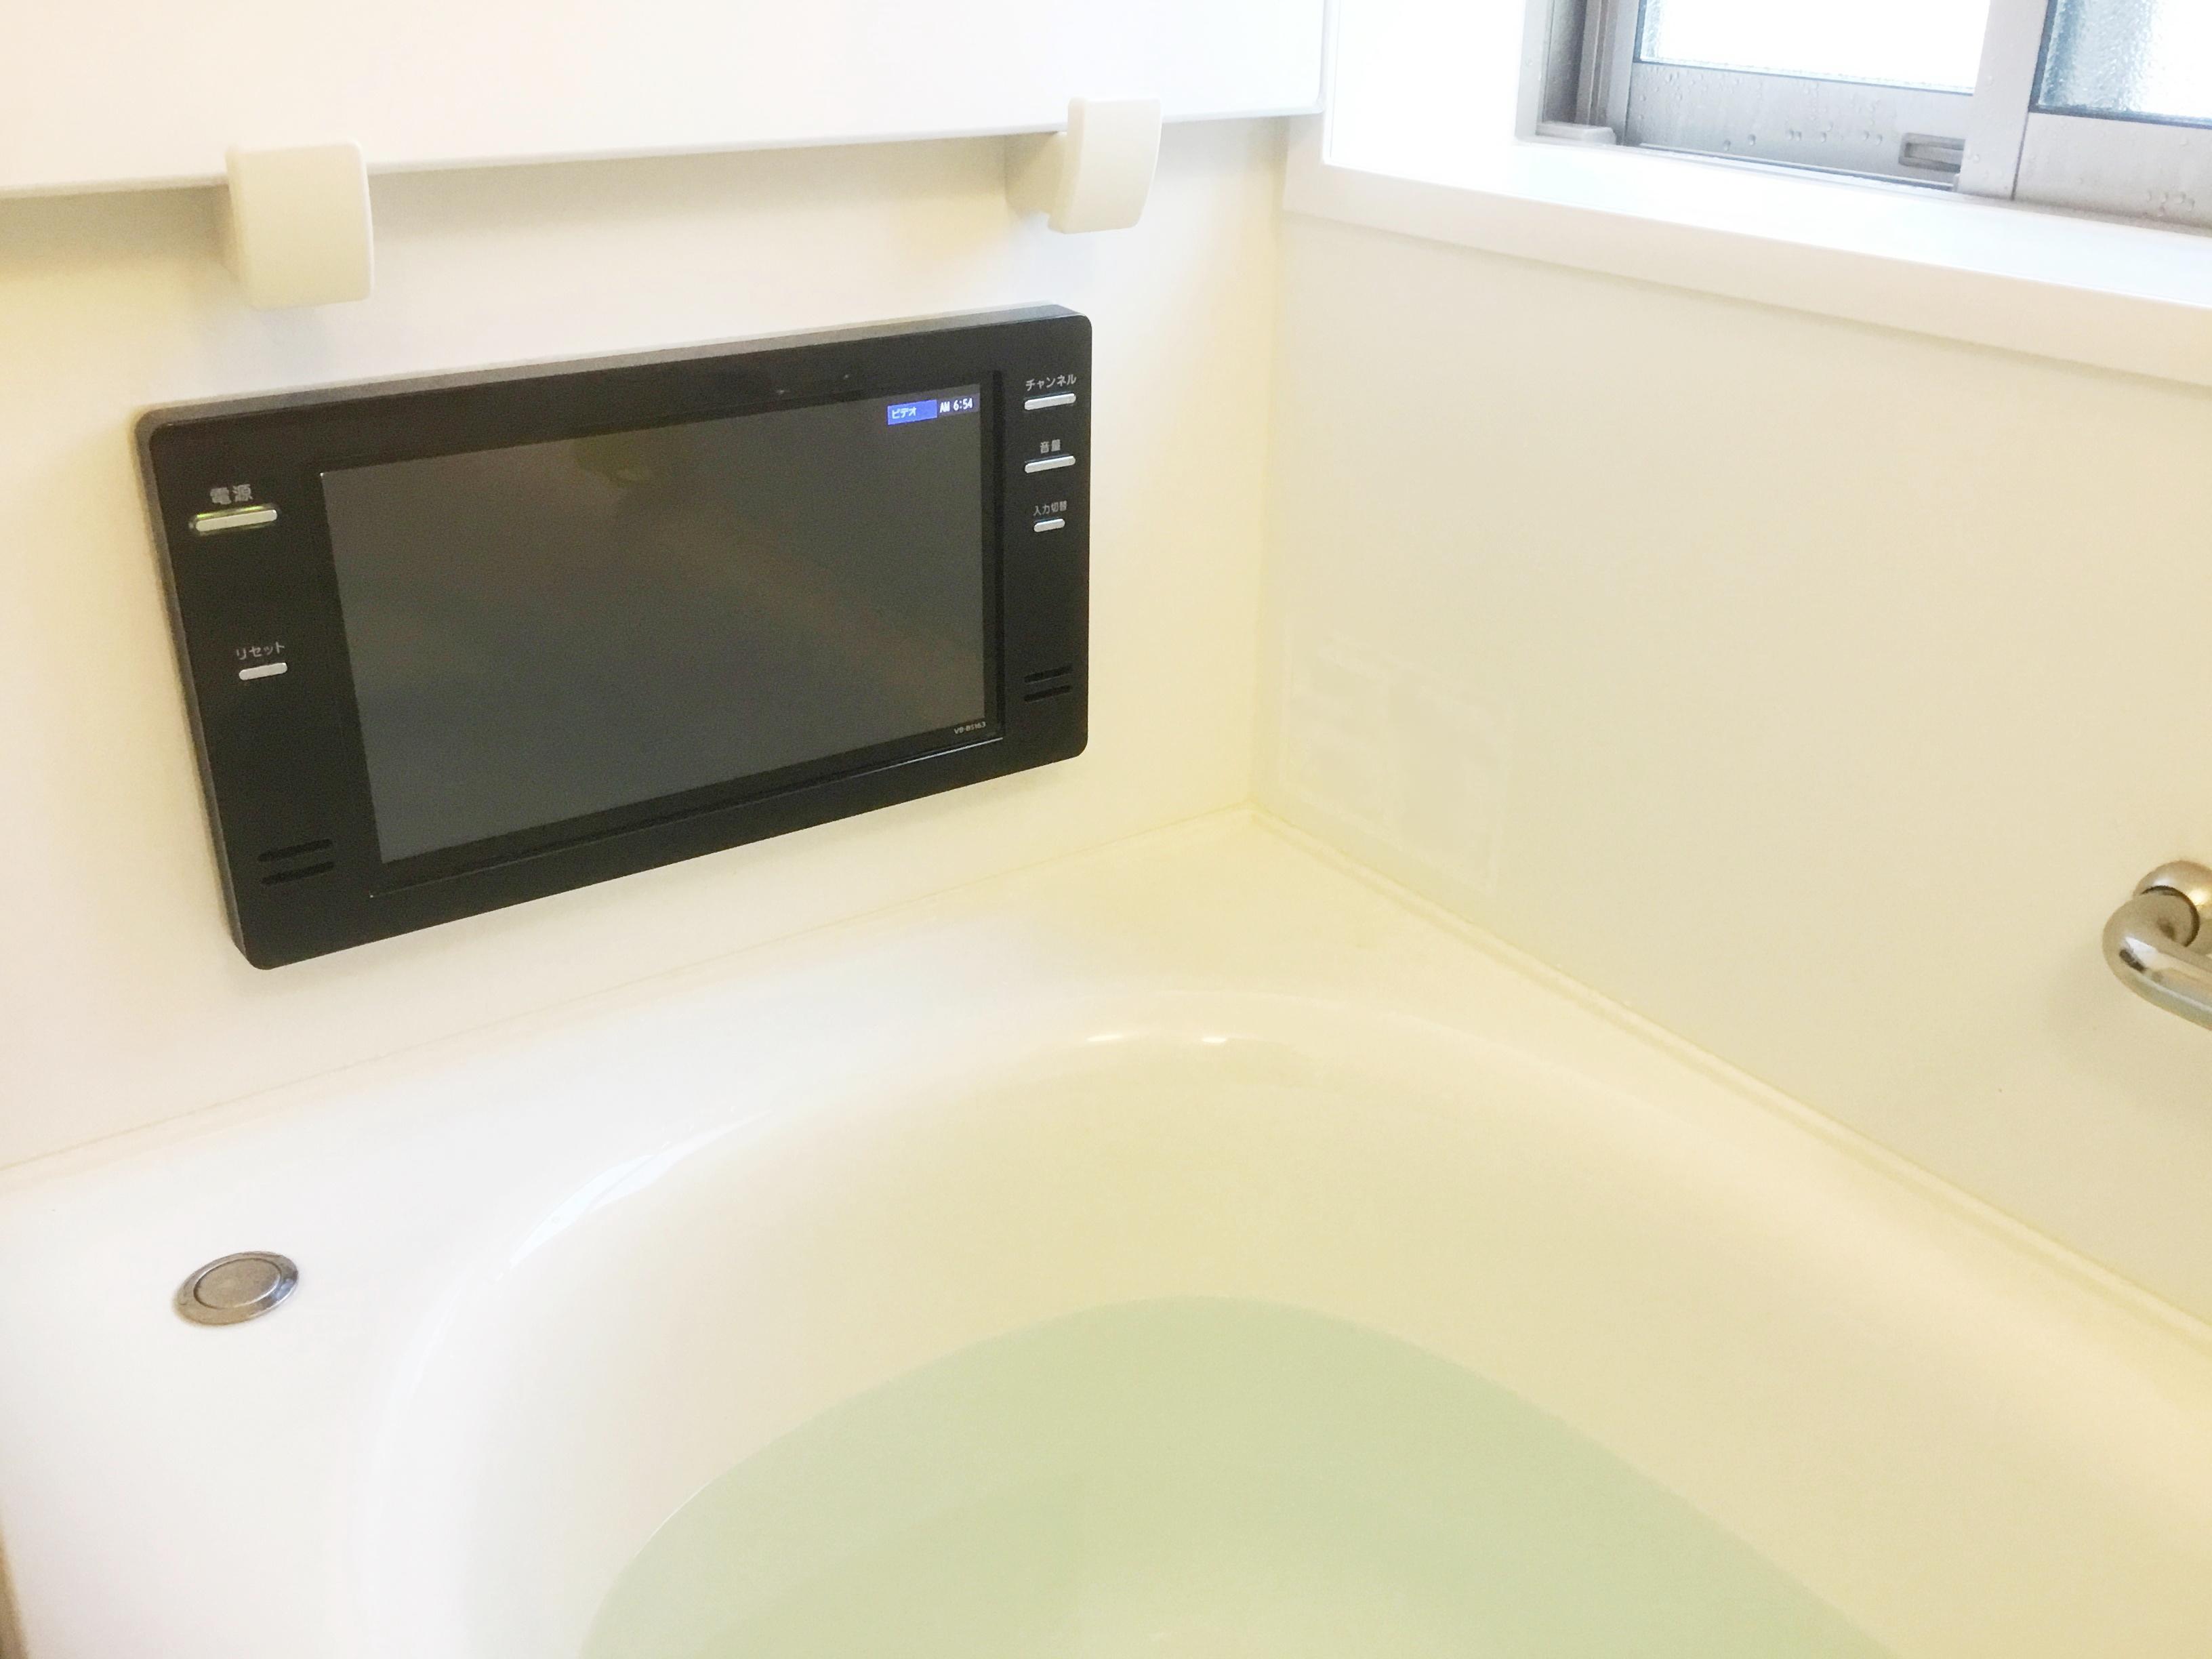 防水お風呂テレビのおすすめ7選!壁掛けタイプも【2020年版】